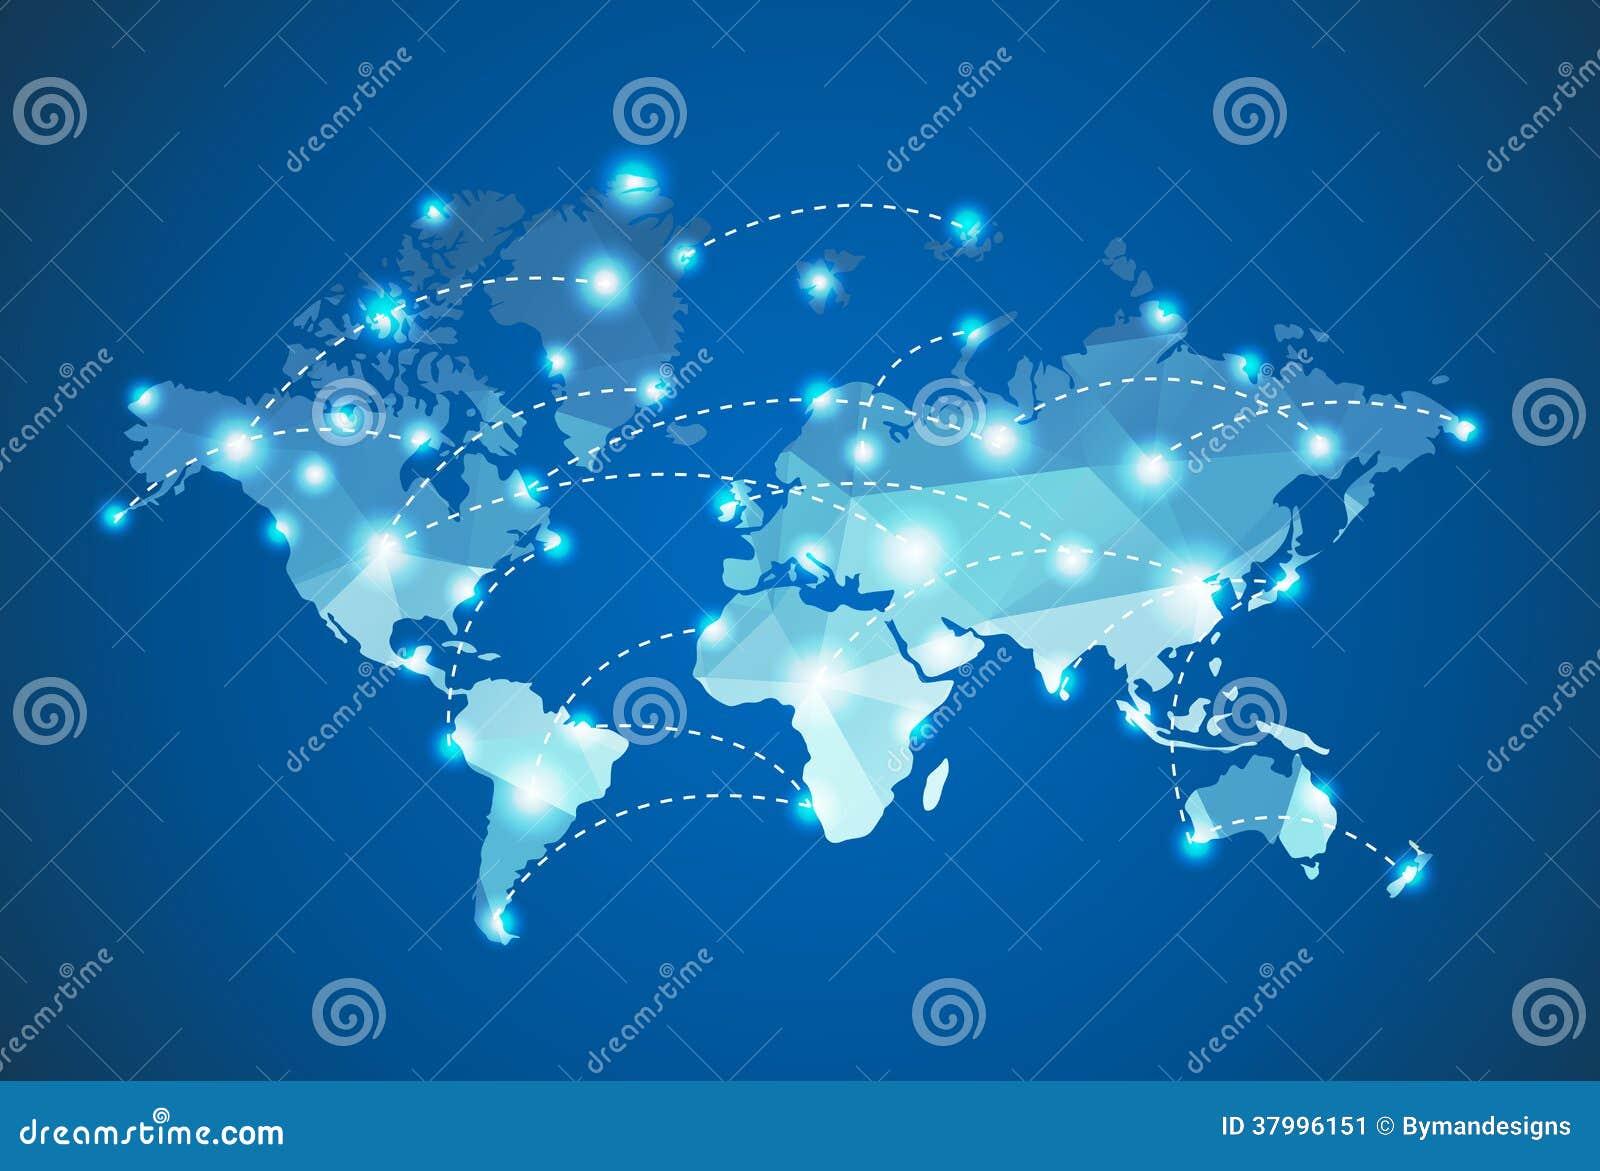 Mapa Y Ubicación Del Logo Azul Mapa Logotipo De: Mapa Do Mundo Poligonal Com Efeito Das Luzes Do Ponto